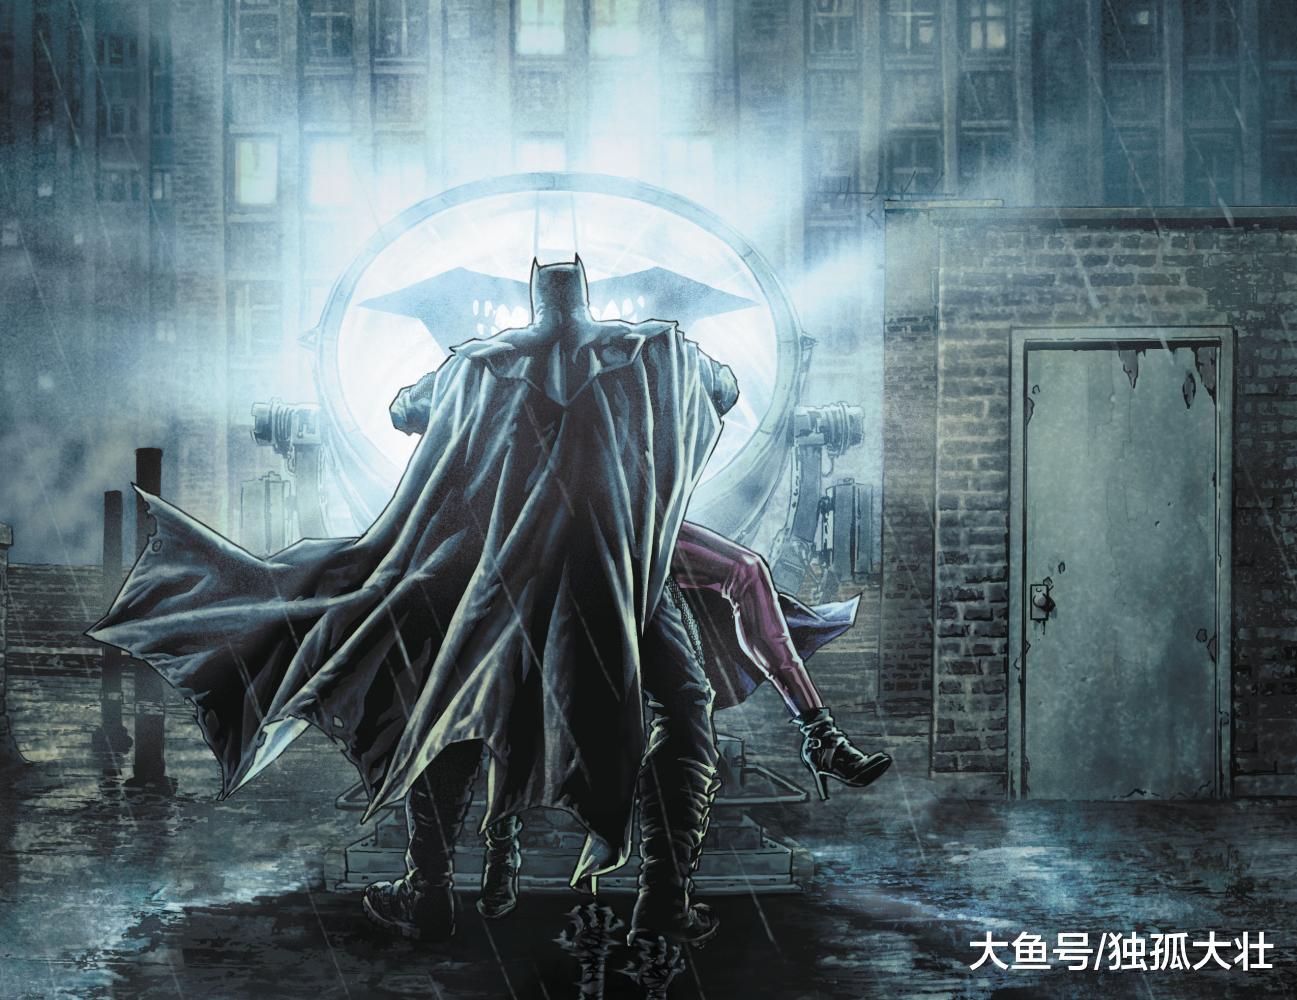 《蝙蝠侠: 诅咒》小丑之死的真相扑朔迷离, 哈莉·奎因陷入疯狂!